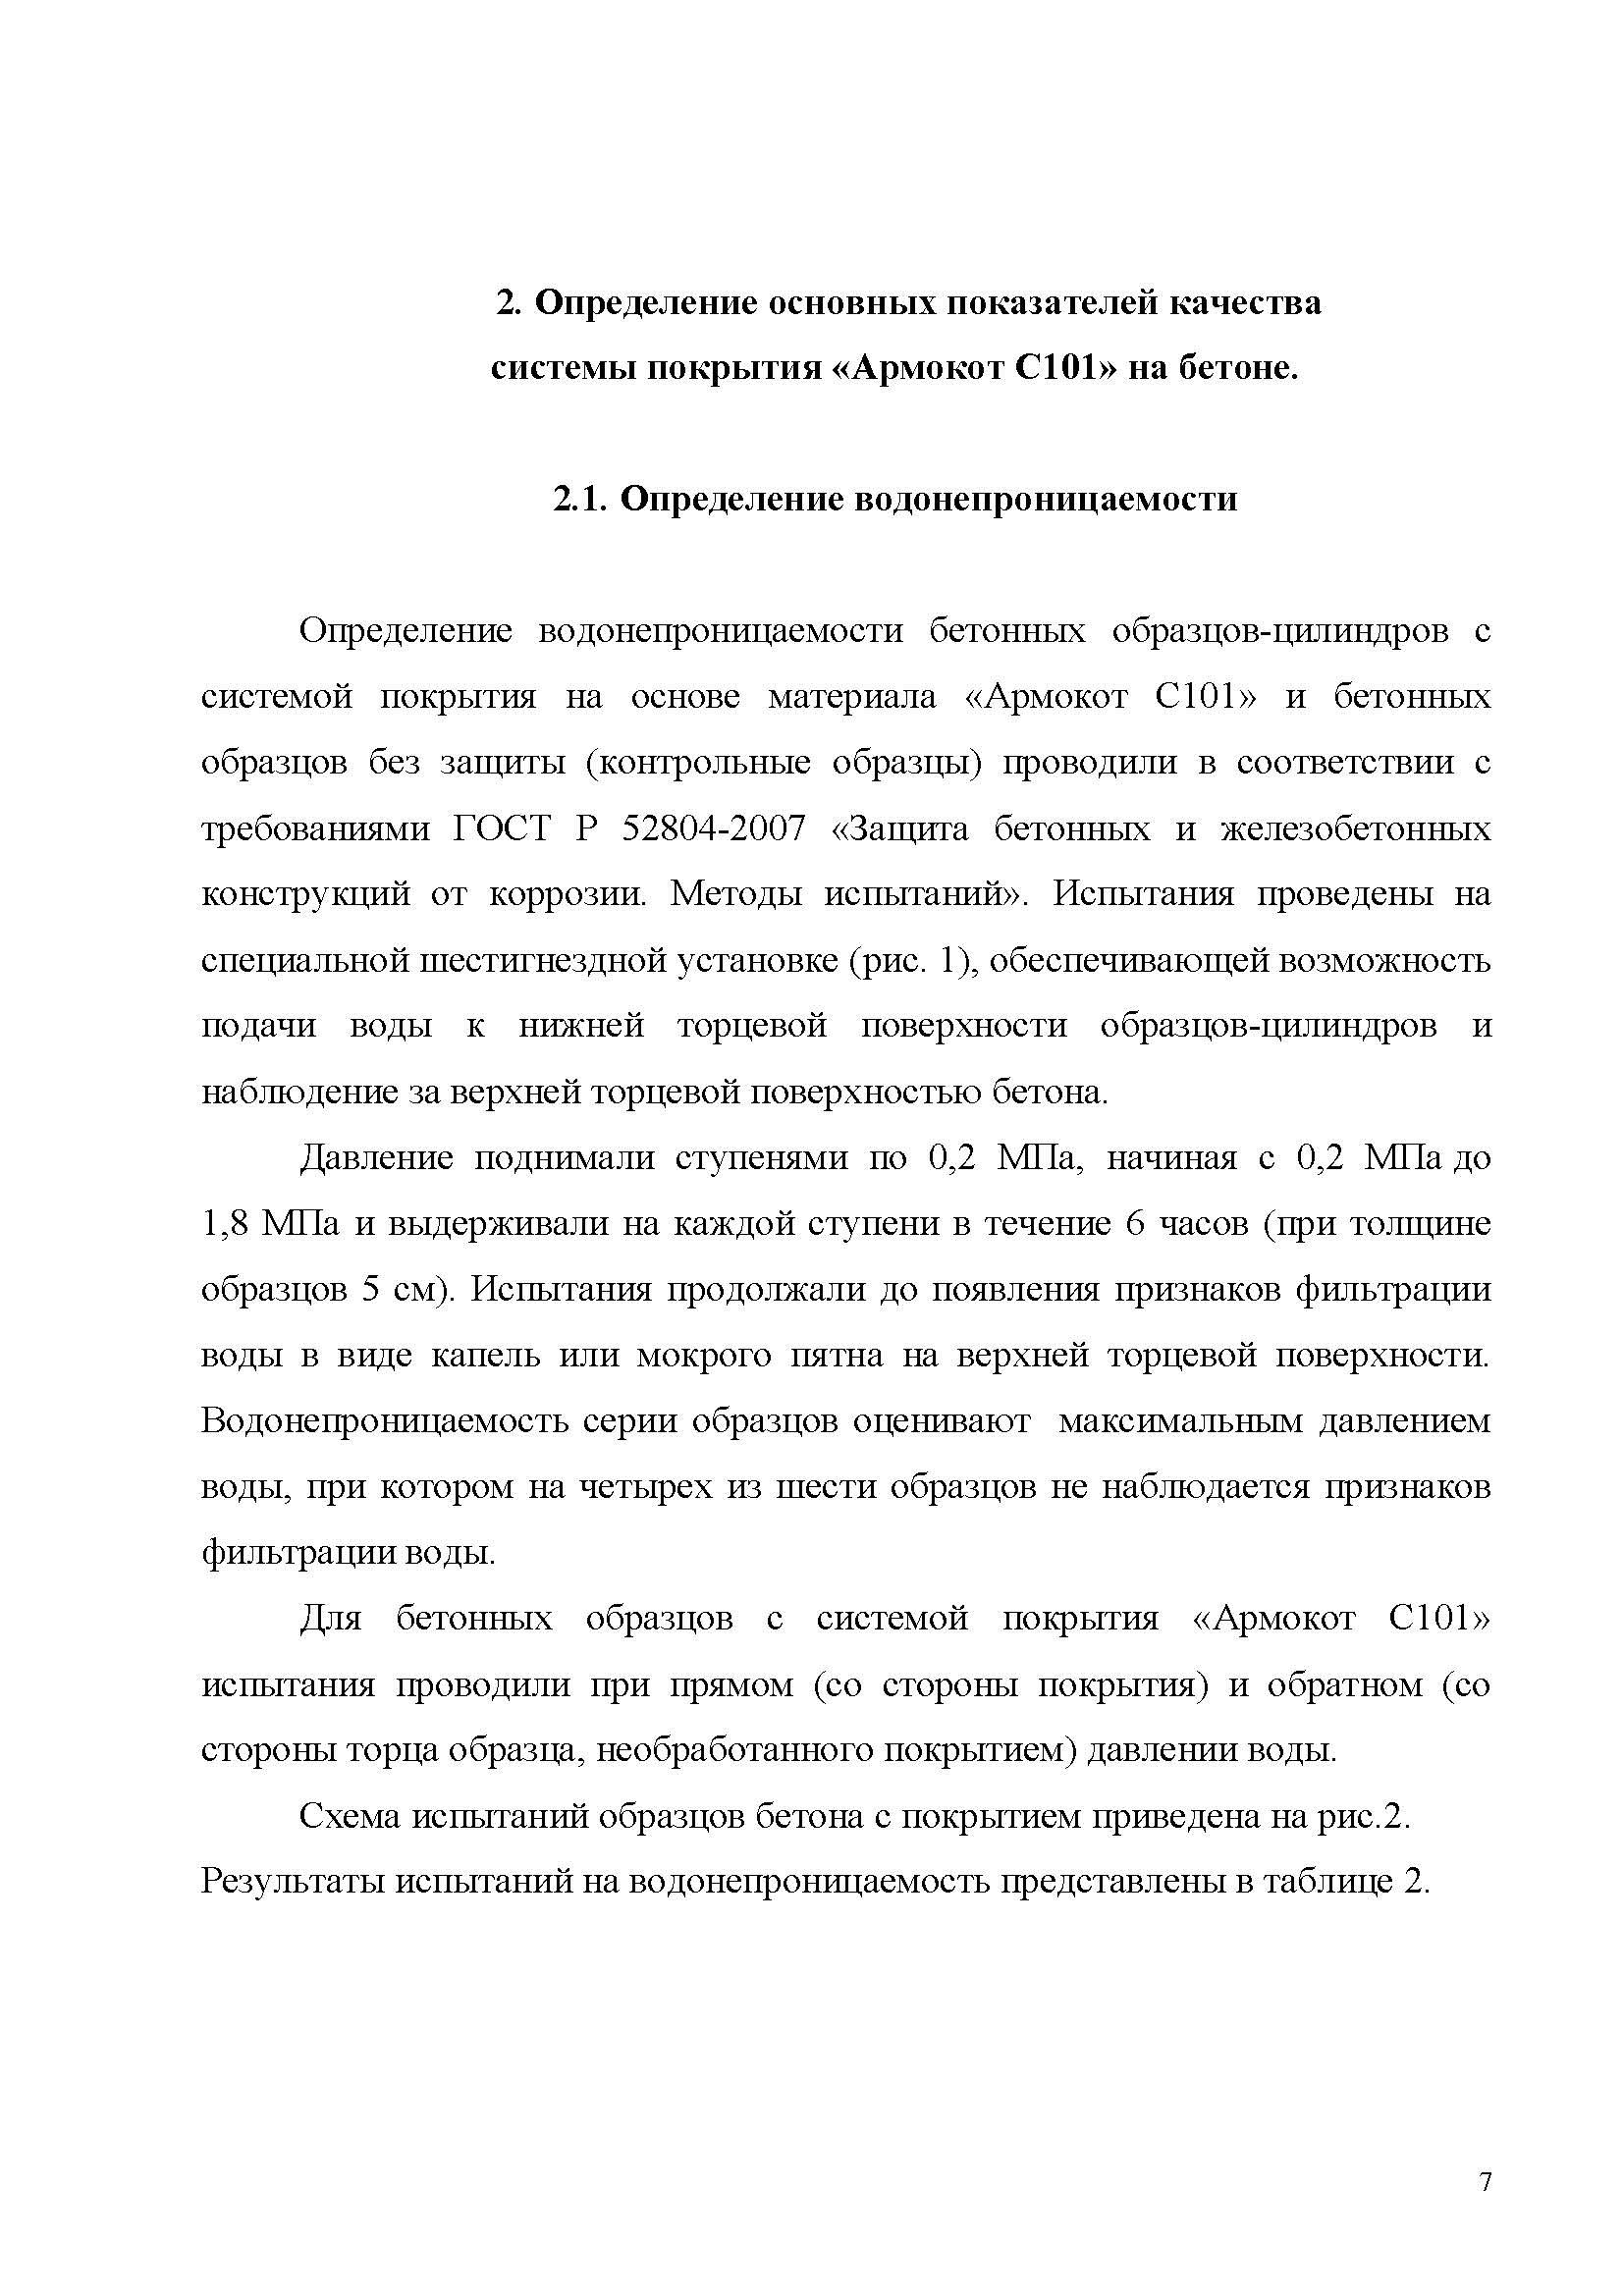 Заключение Морозов-КТБ Армокот С101_Страница_07